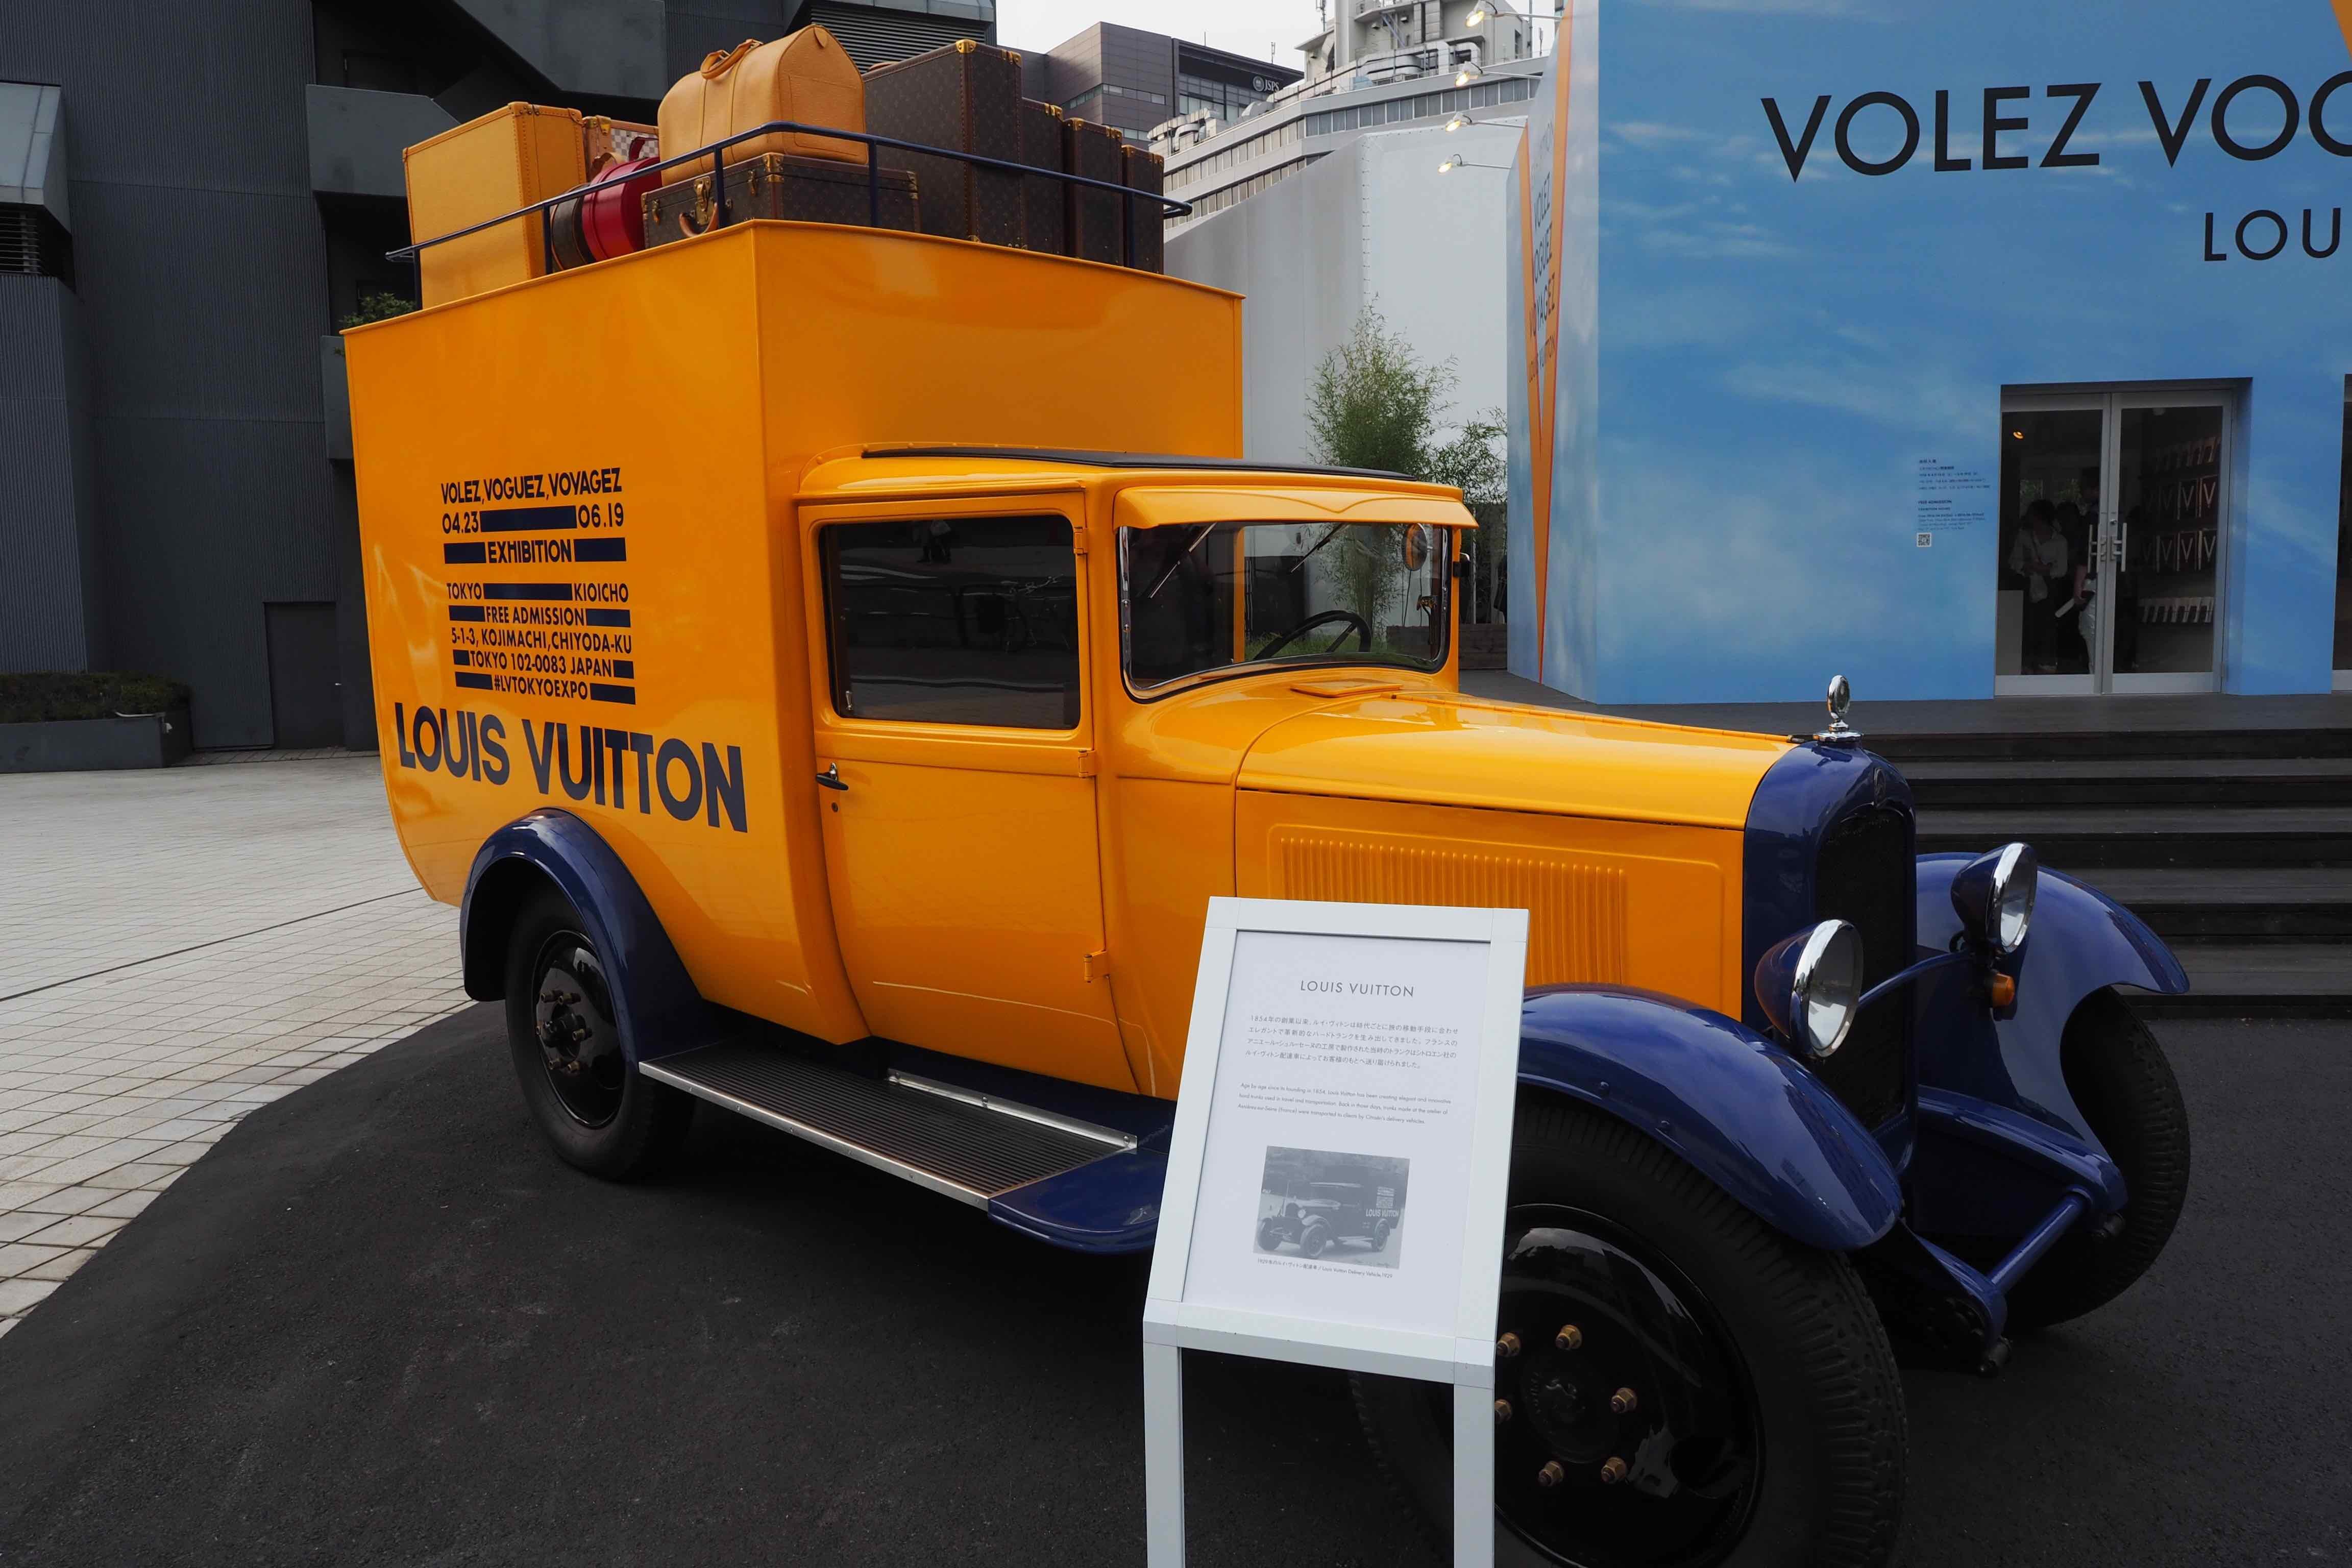 特集#03 今月のびとんリターンズ ~旅するLouis Vuitton展 Report~ (前編)